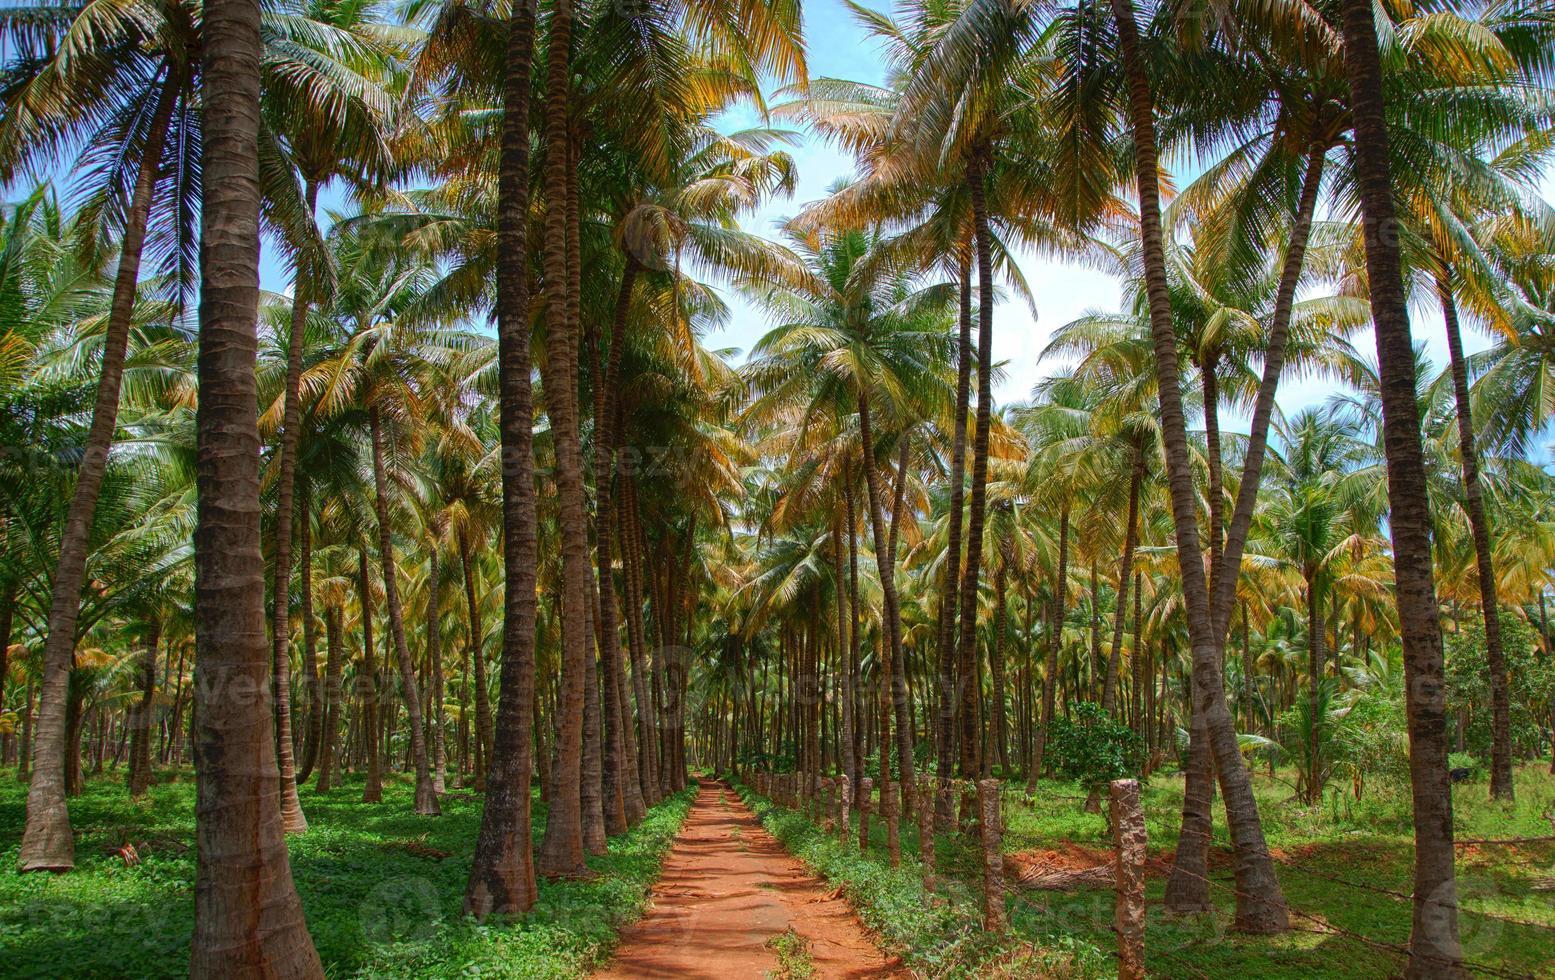 kokospalmer foto